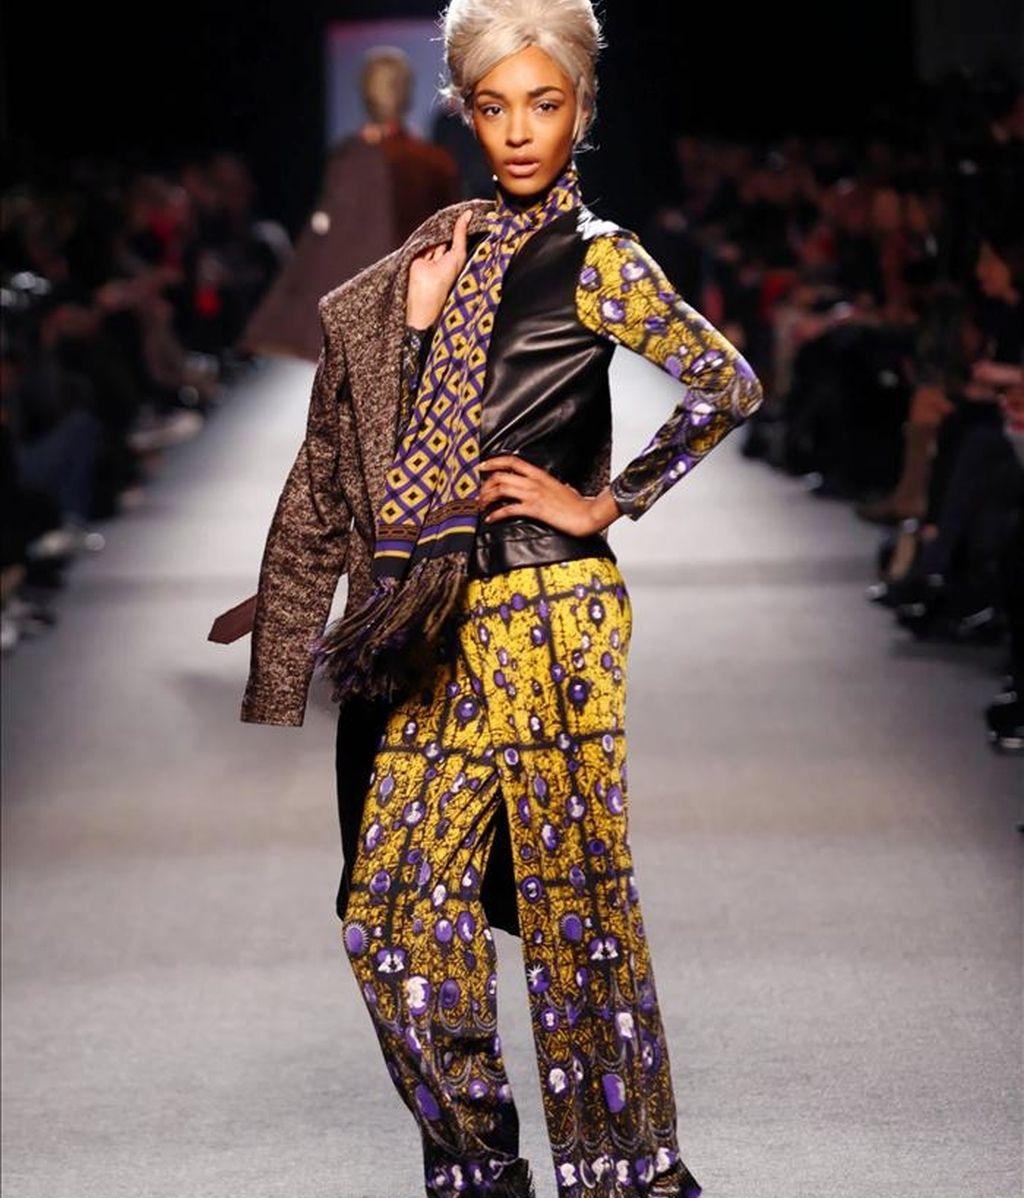 Una modelo luce una creación de la casa de moda Jean Paul Gaultier. EFE/Archivo